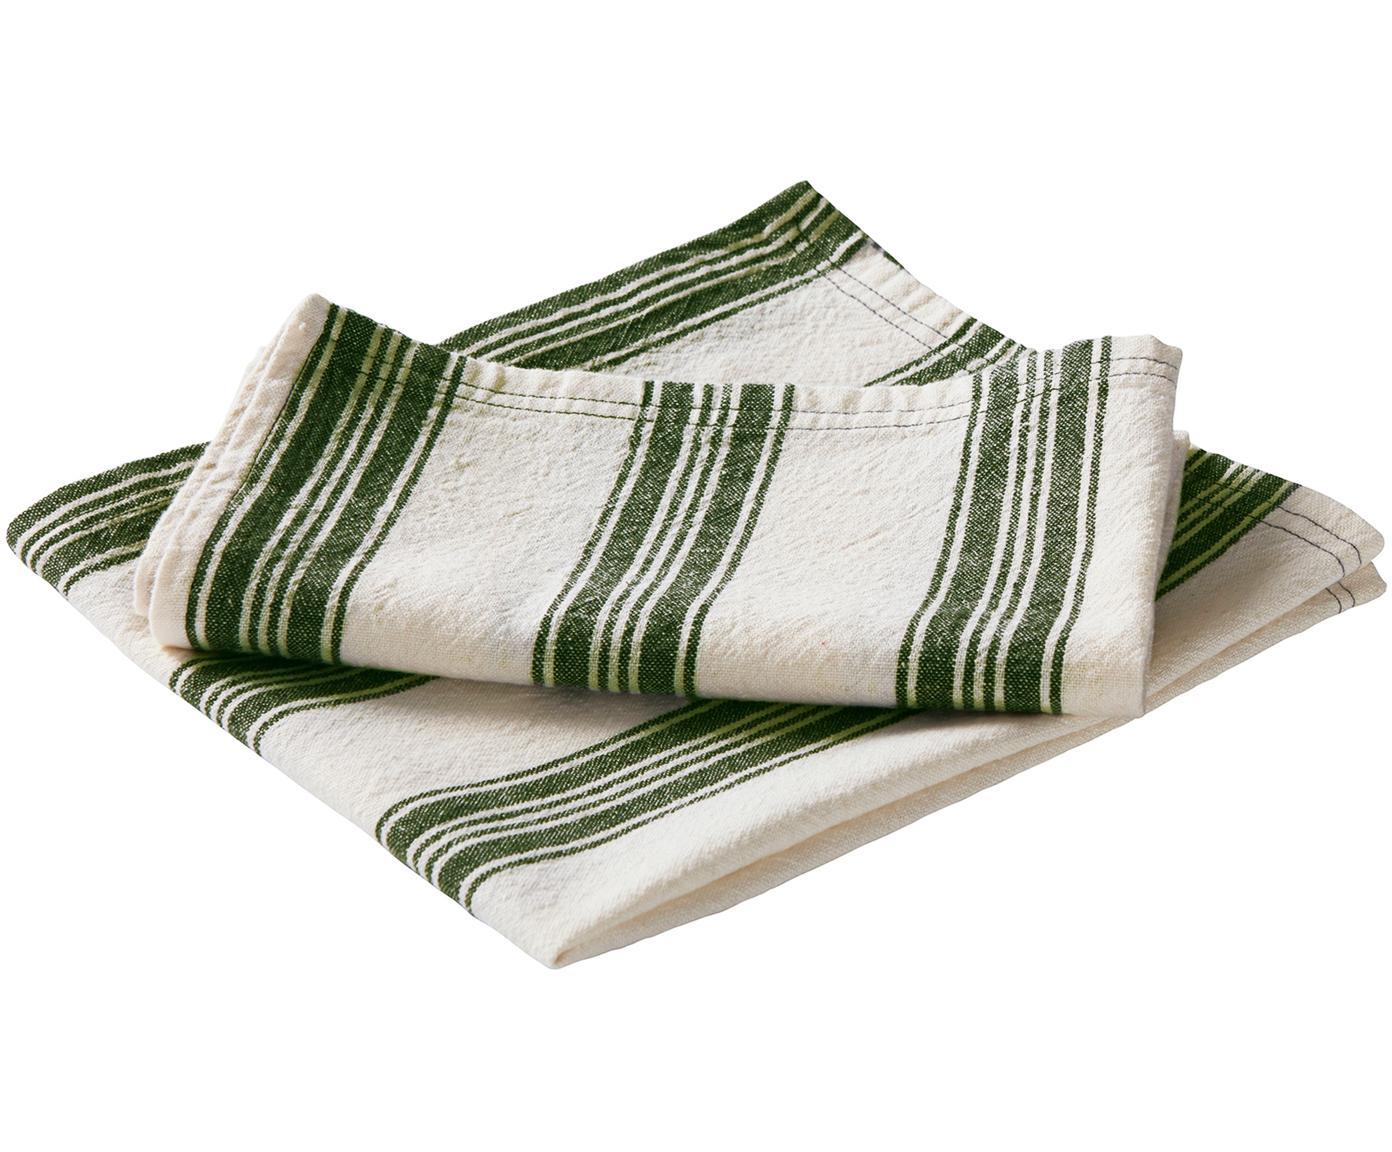 Stoff-Servietten Abigail aus Baumwolle/Leinen, 2 Stück, 80% Baumwolle 20% Leinen, Gebrochenes Weiß, Grün, 45 x 45 cm